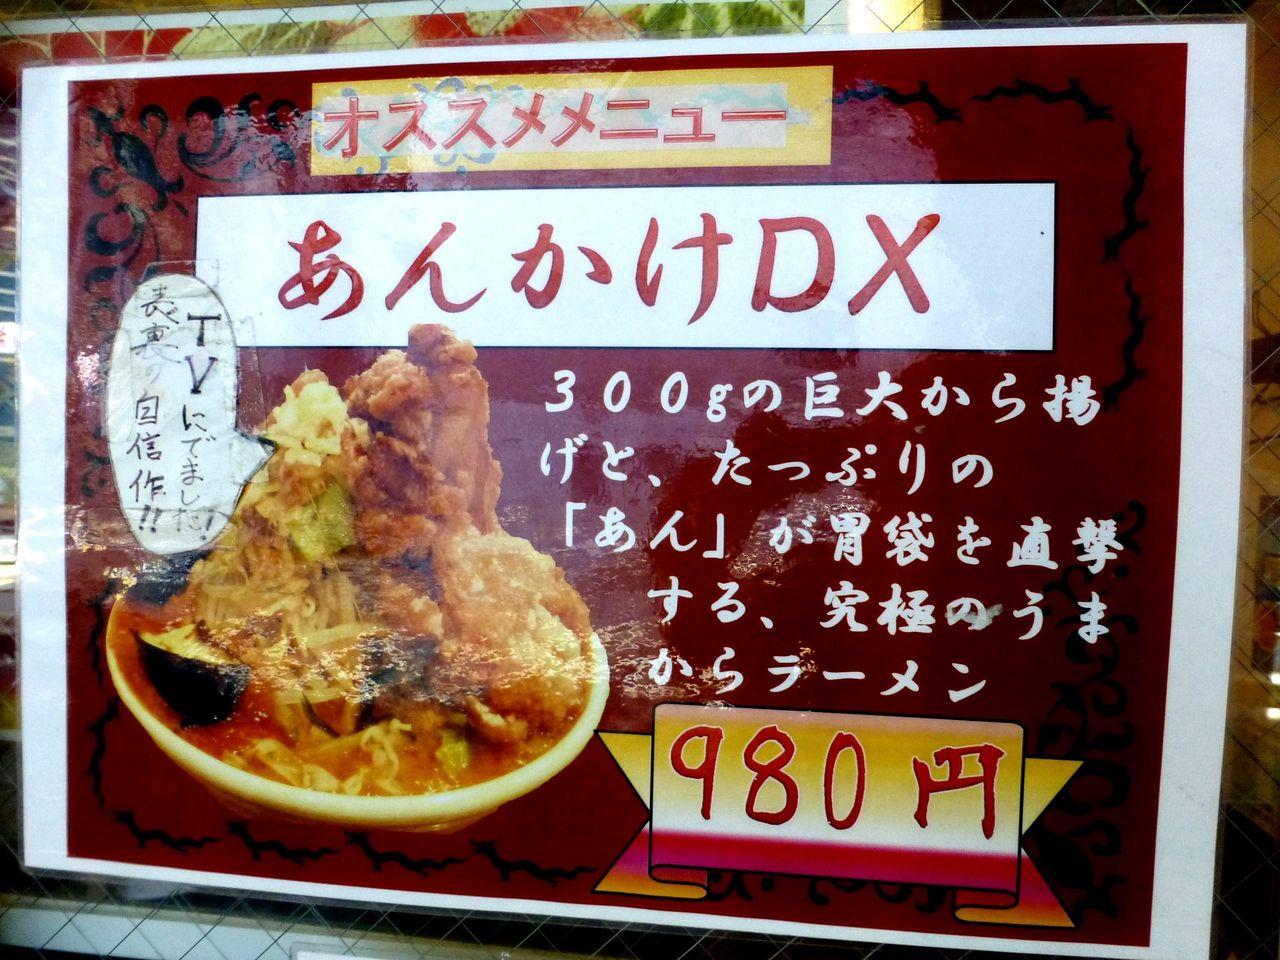 テレビで紹介された、あんかけDX980円!